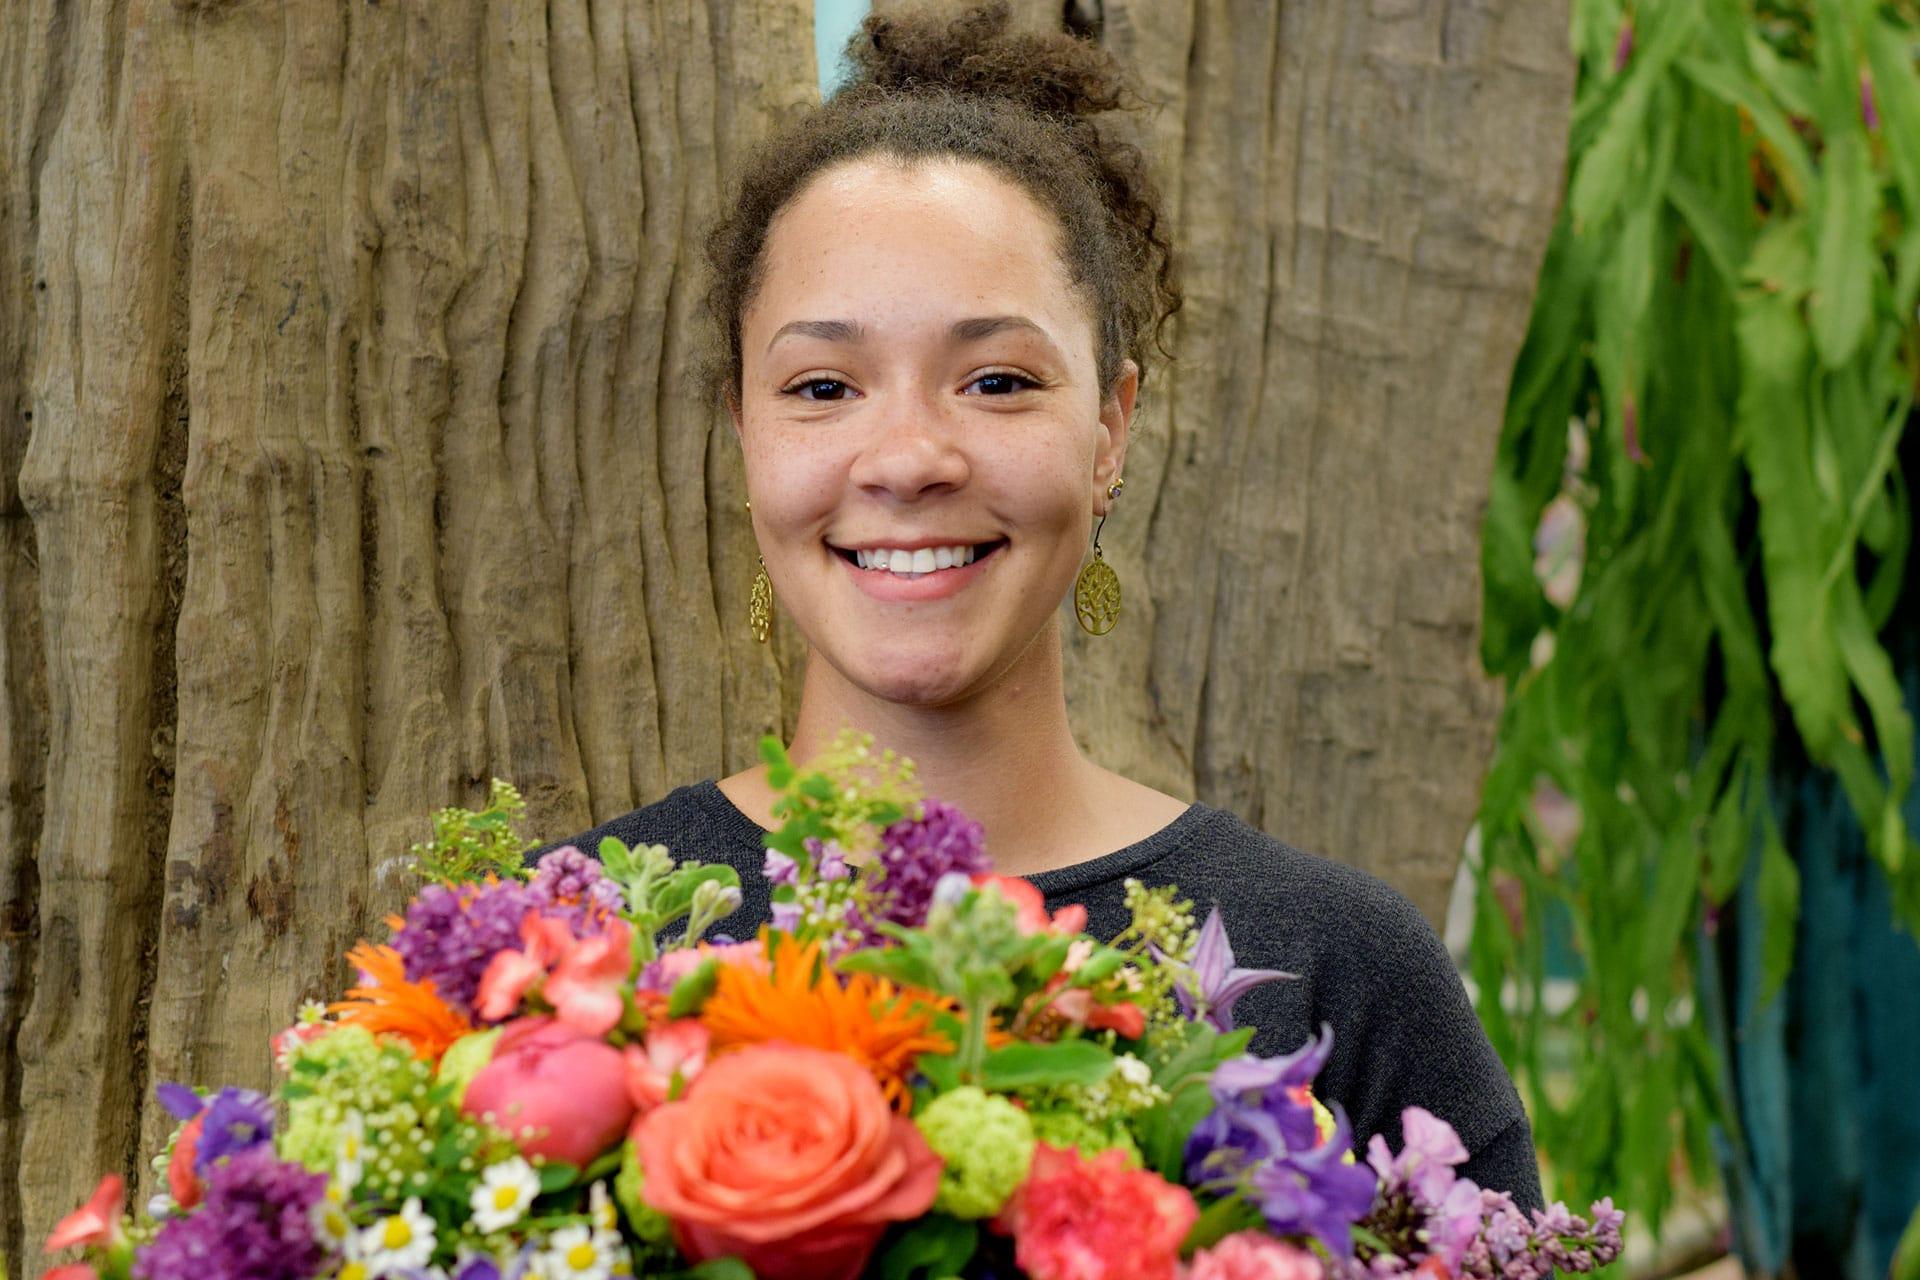 Alaina Dorka